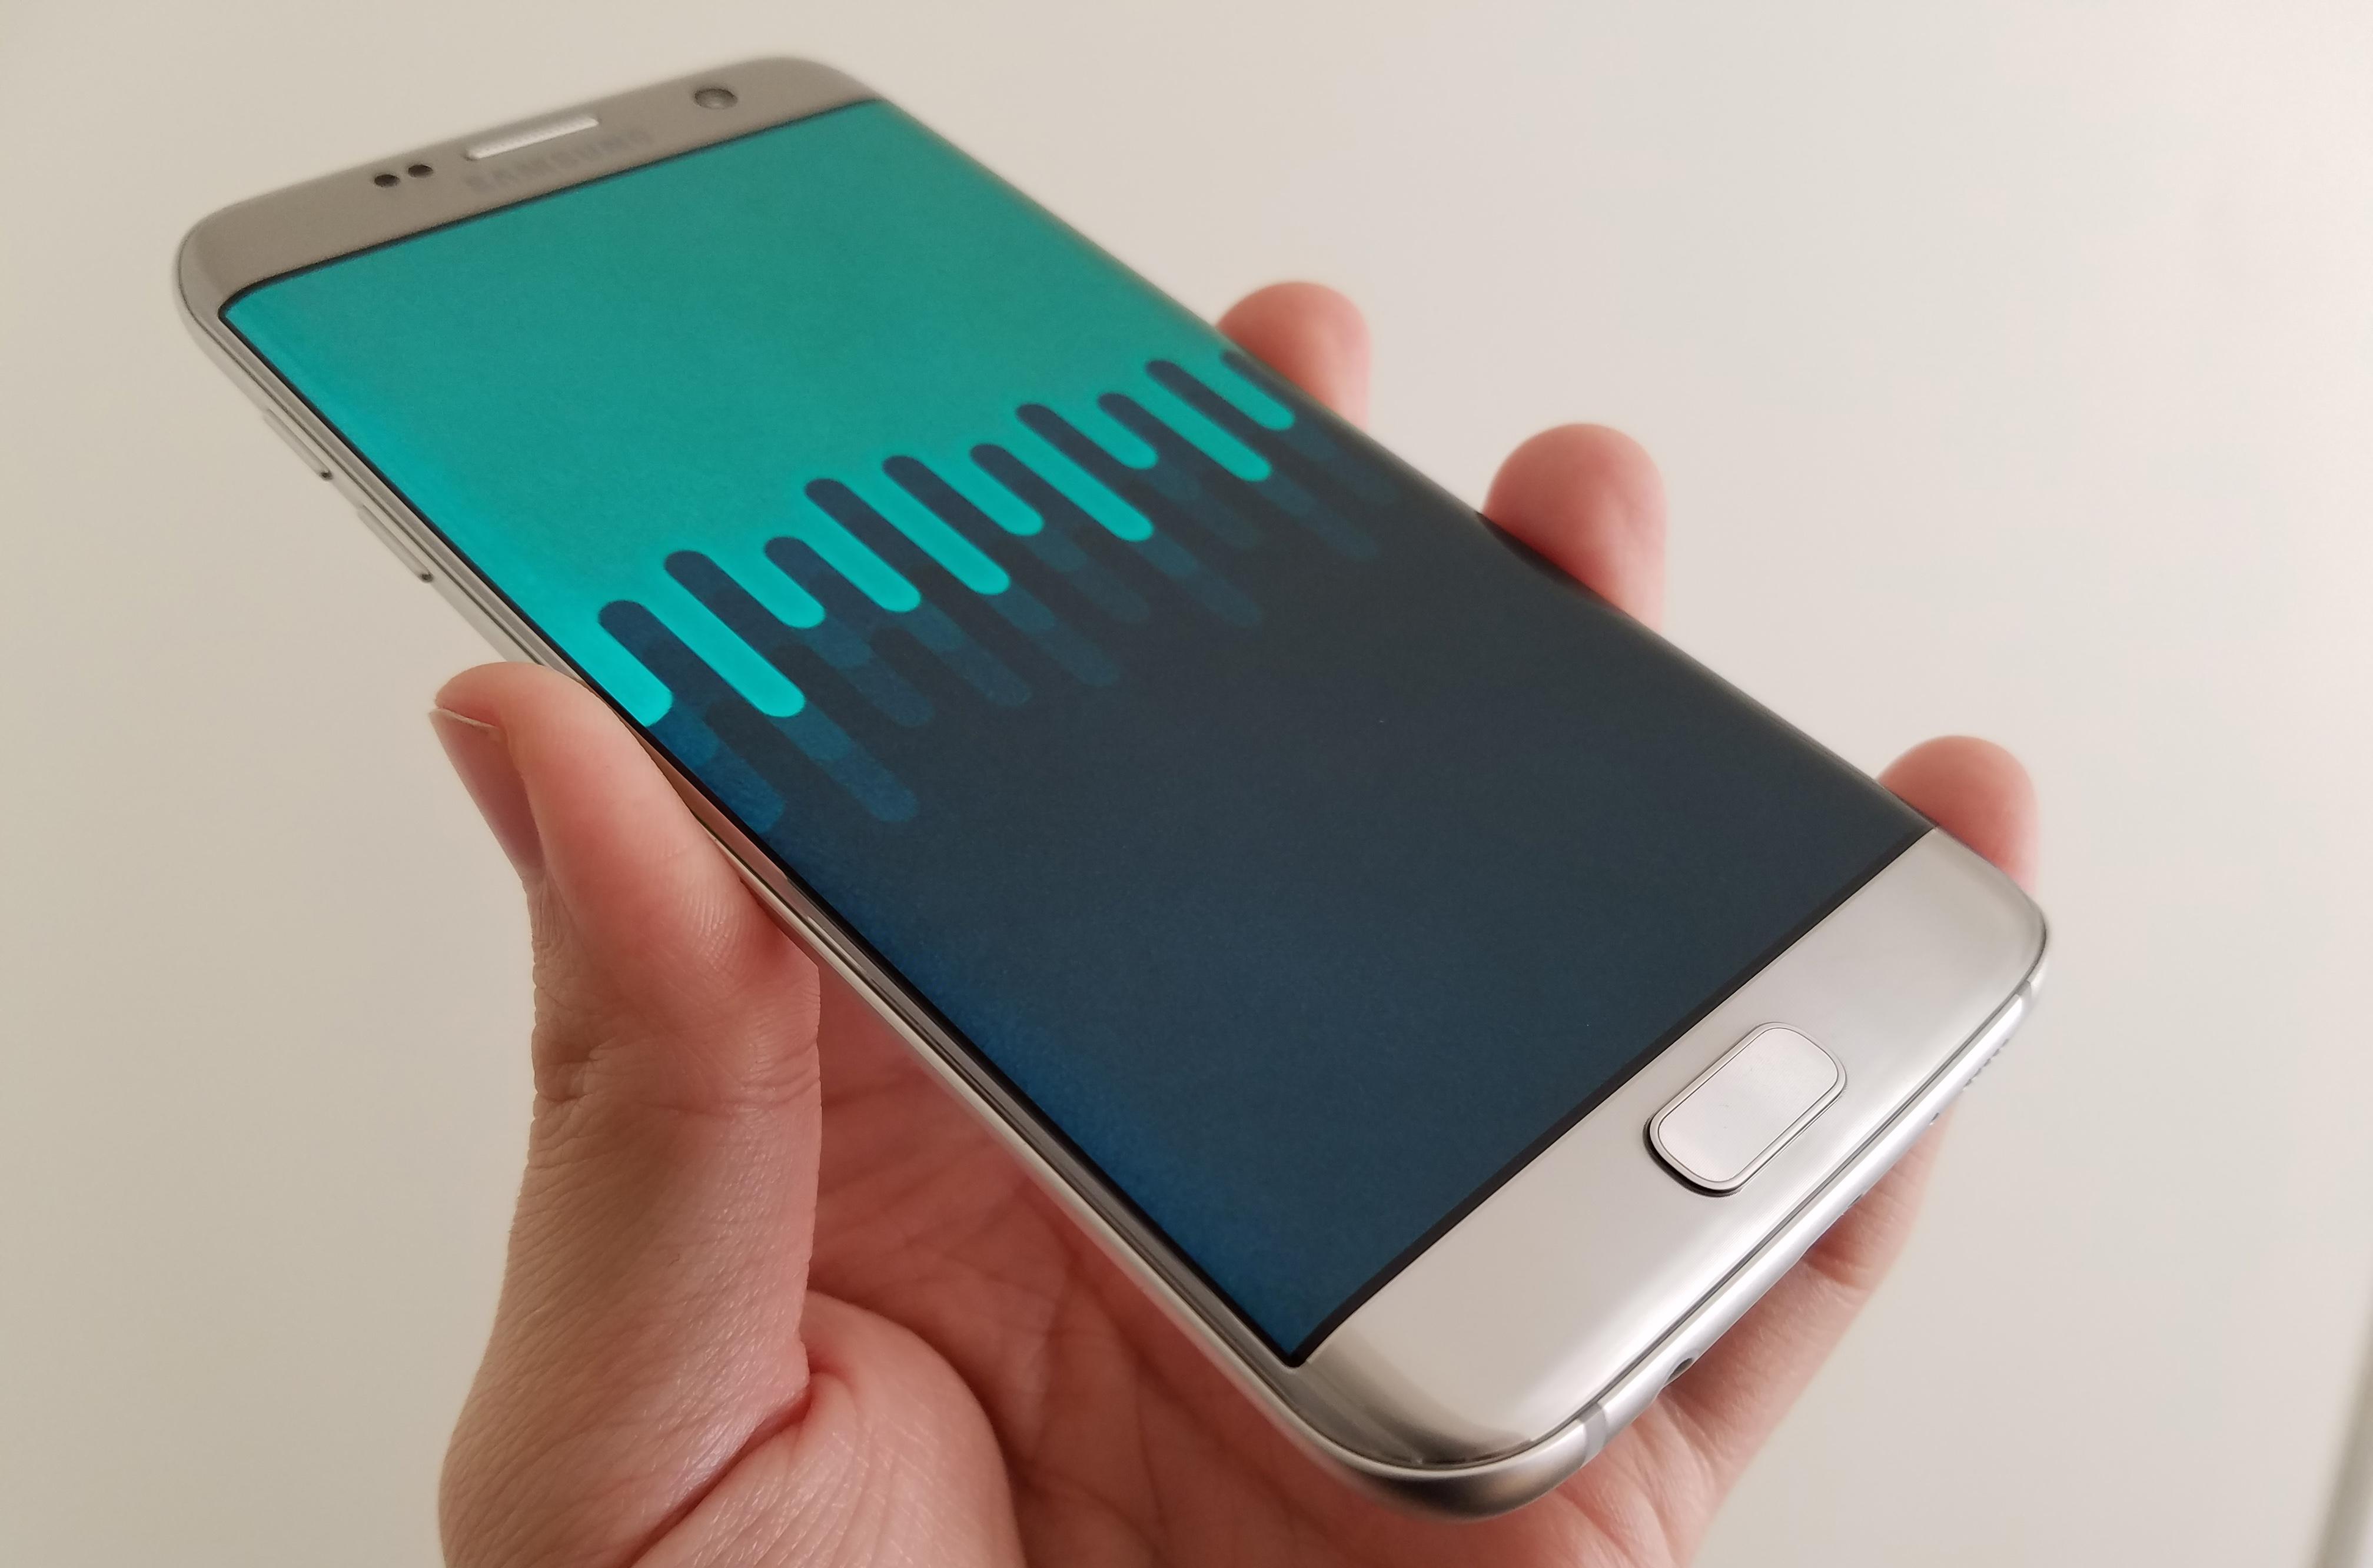 За разблокированный смартфон нужно будет заплатить только раз. Фото: tested.com